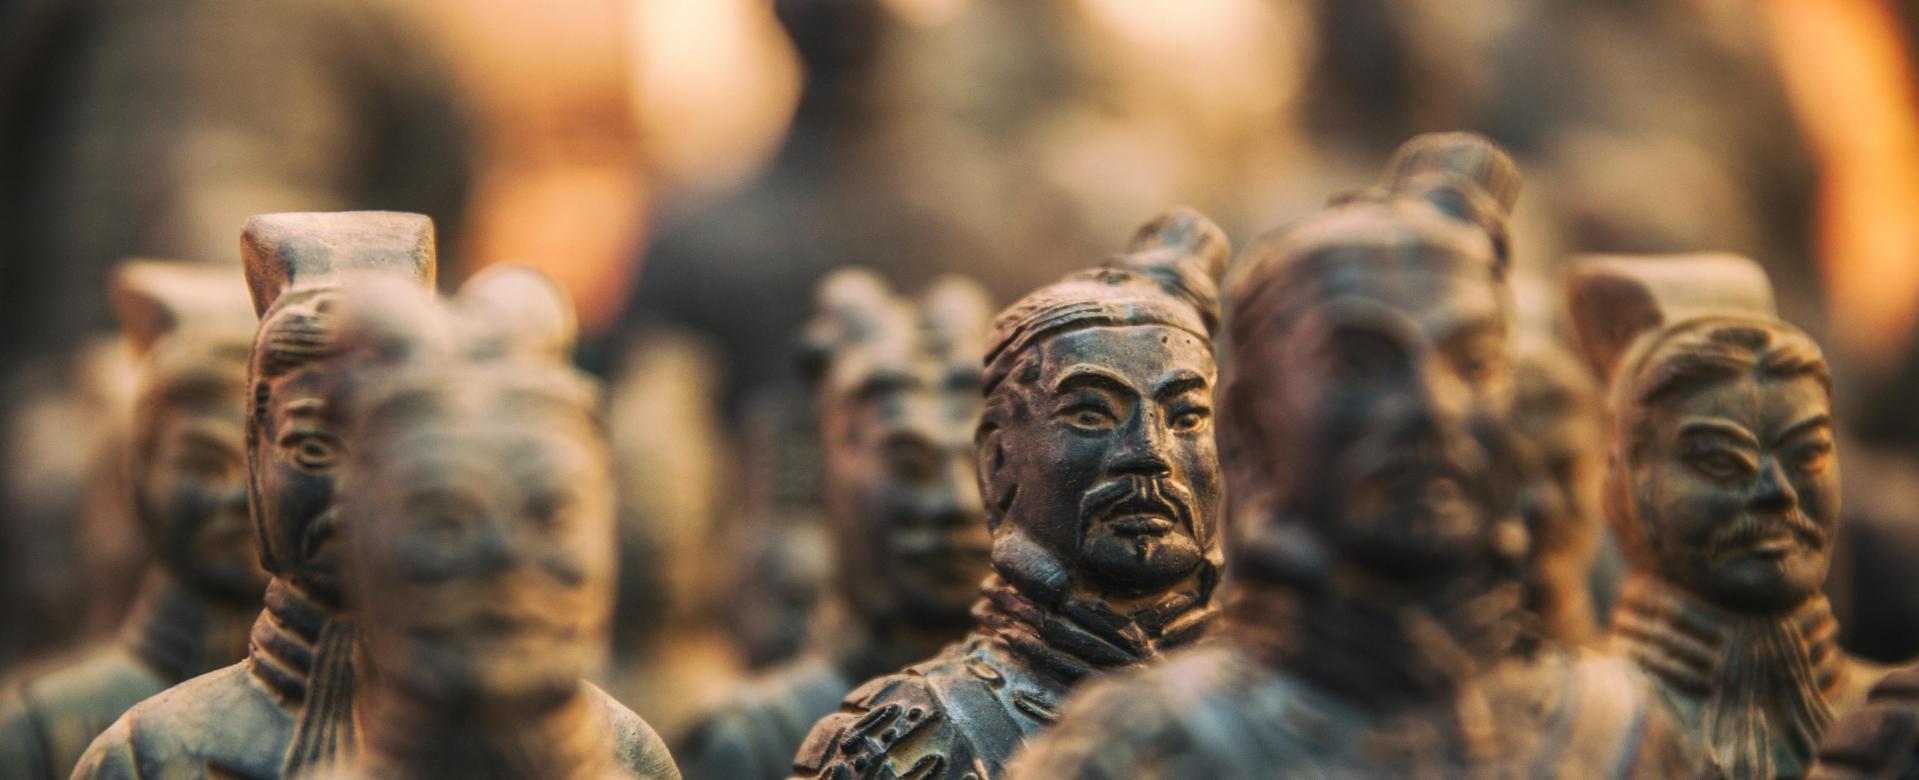 Voyage sur l'eau : Splendeurs de la chine orientale